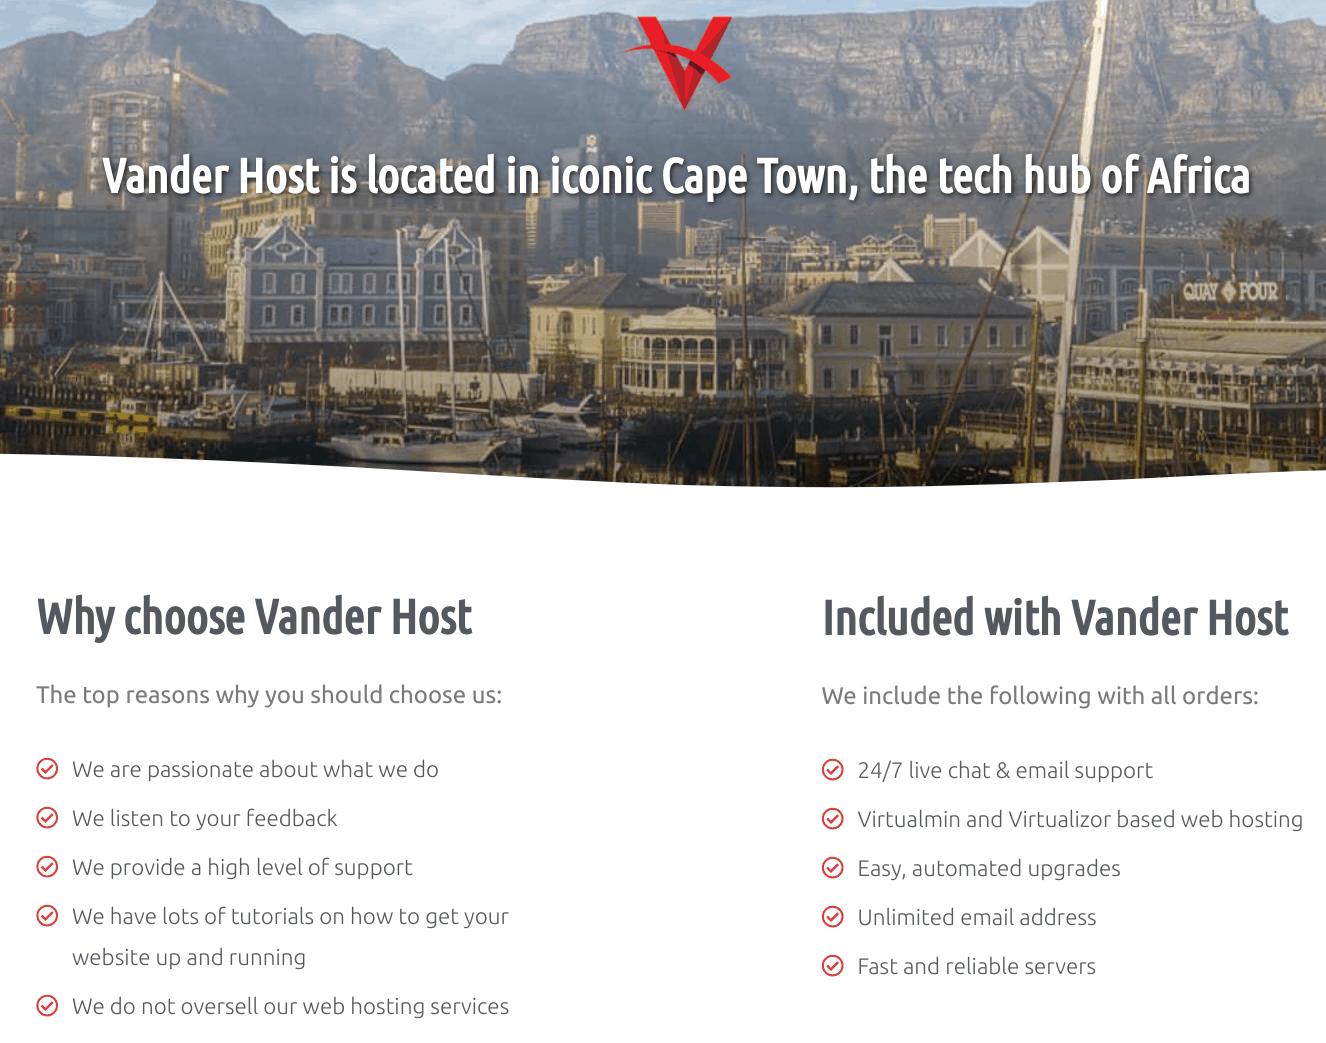 Vander Host Overview